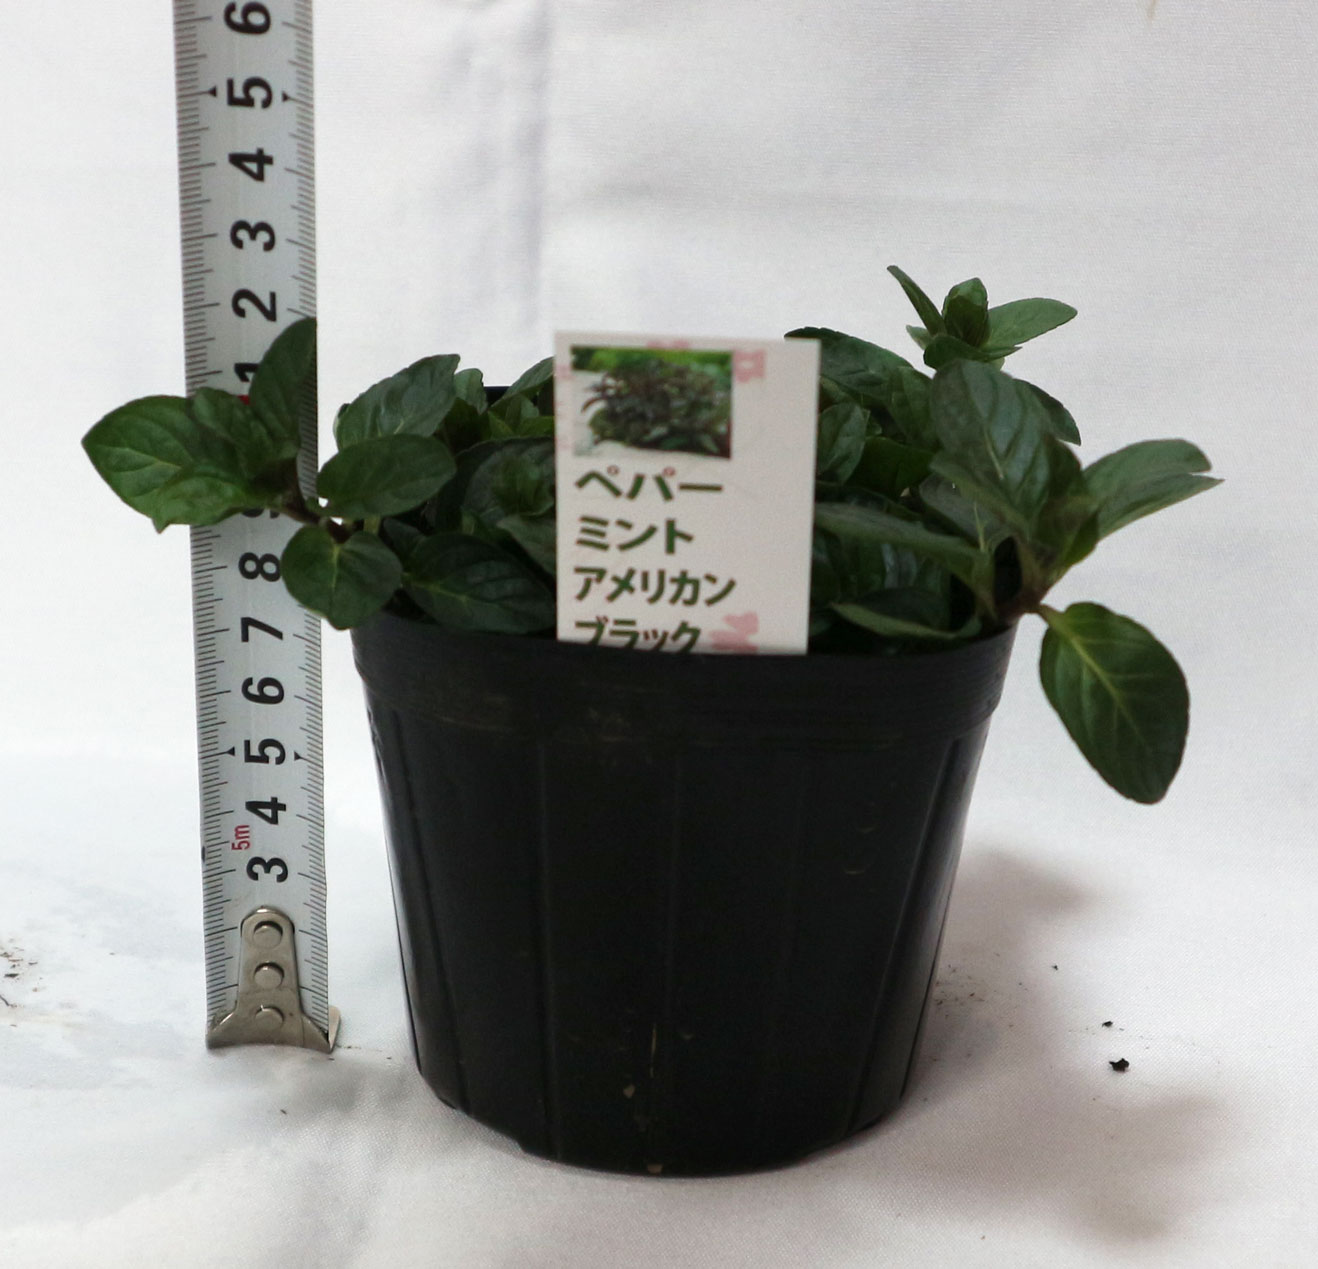 「ペパーミント アメリカンブラック」ハーブ10.5cmポット苗 通年植付け可能!【2個セット】【即出荷/送料無料】